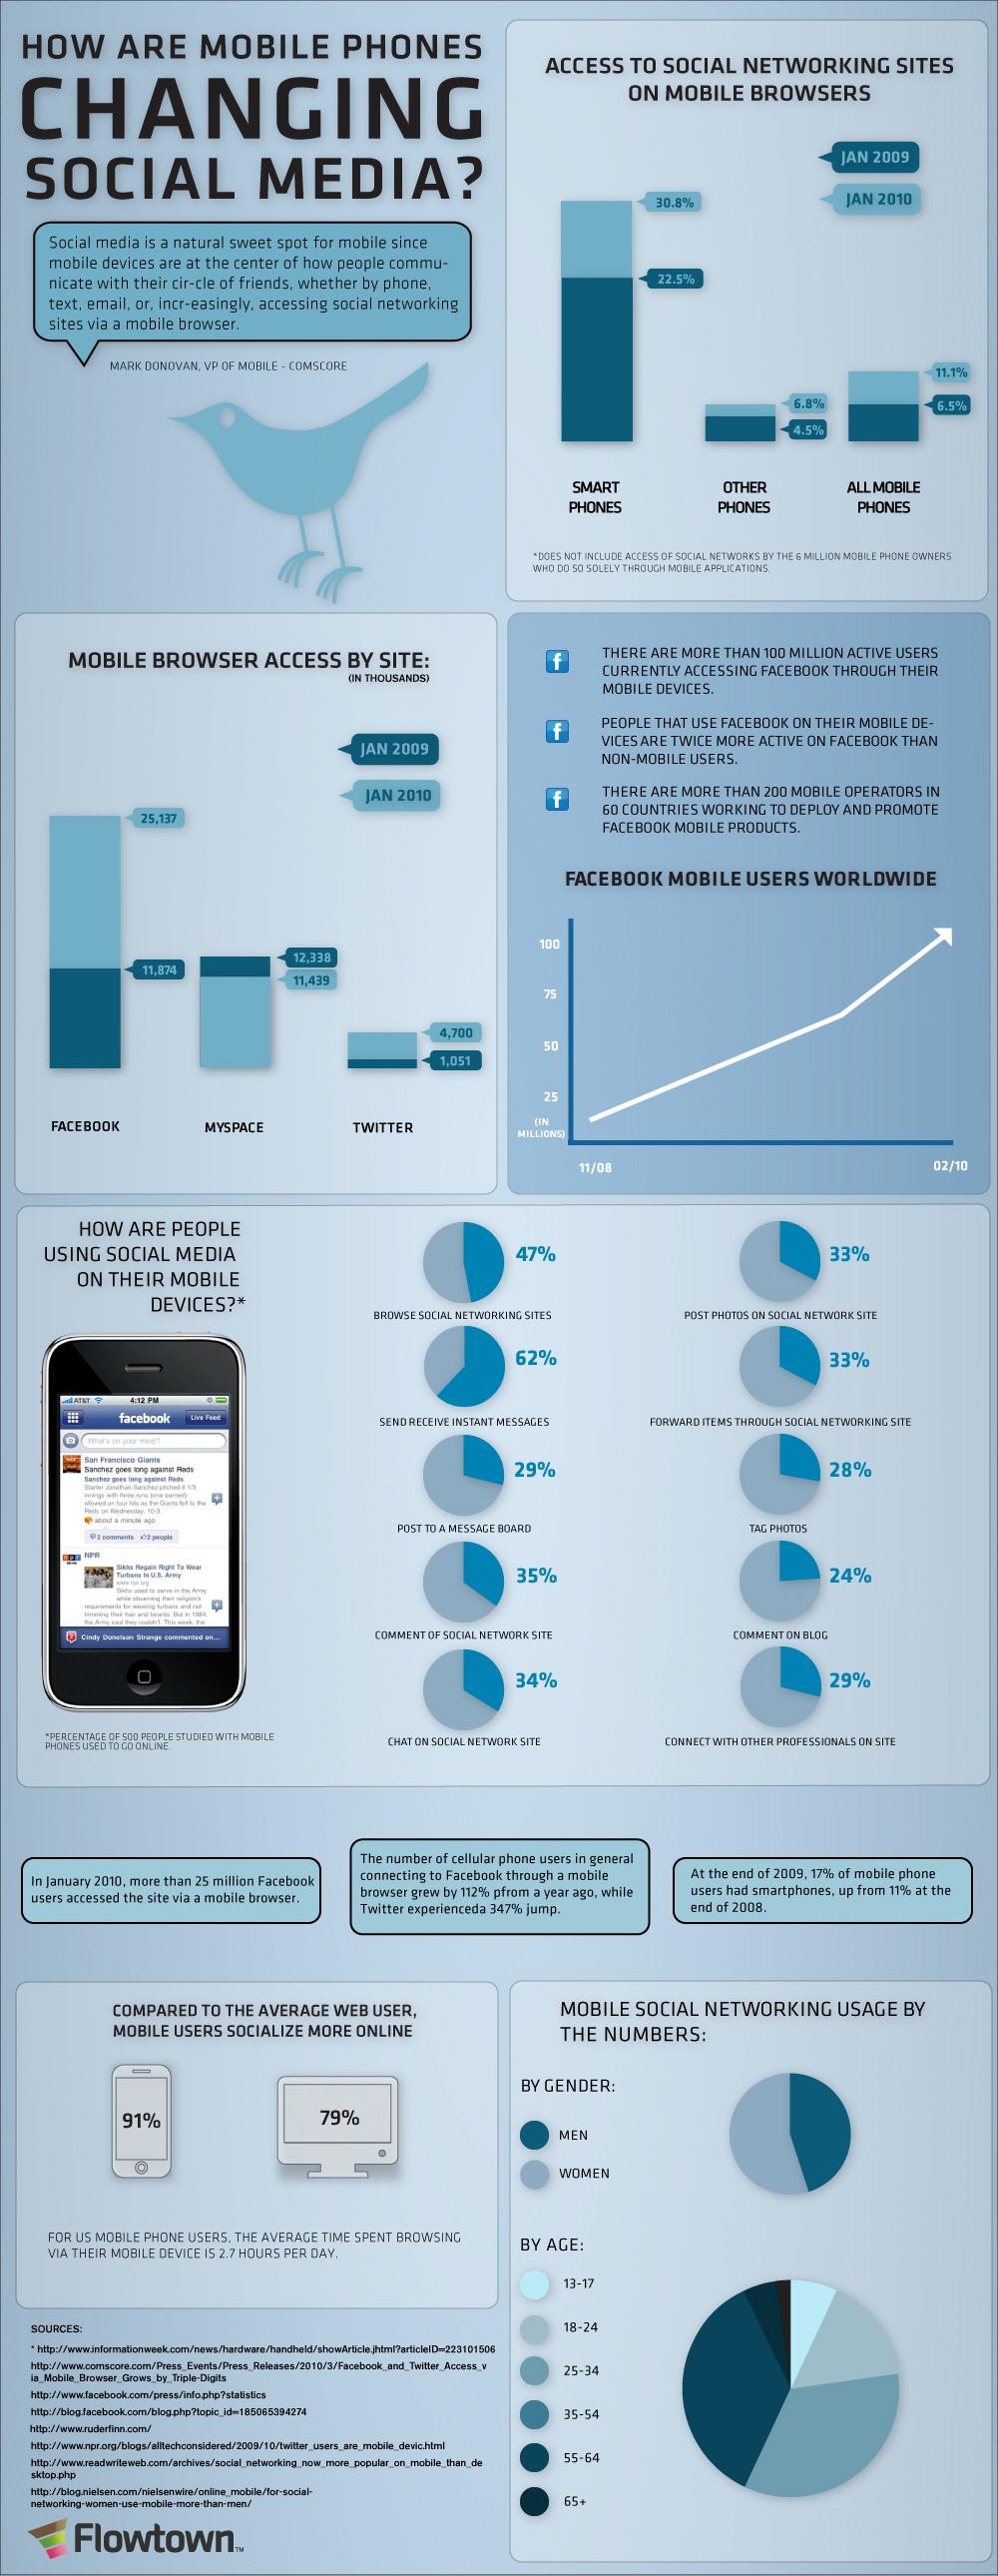 Cep Telefonları Sosyal Medyayı Nasıl Değiştiriyor?